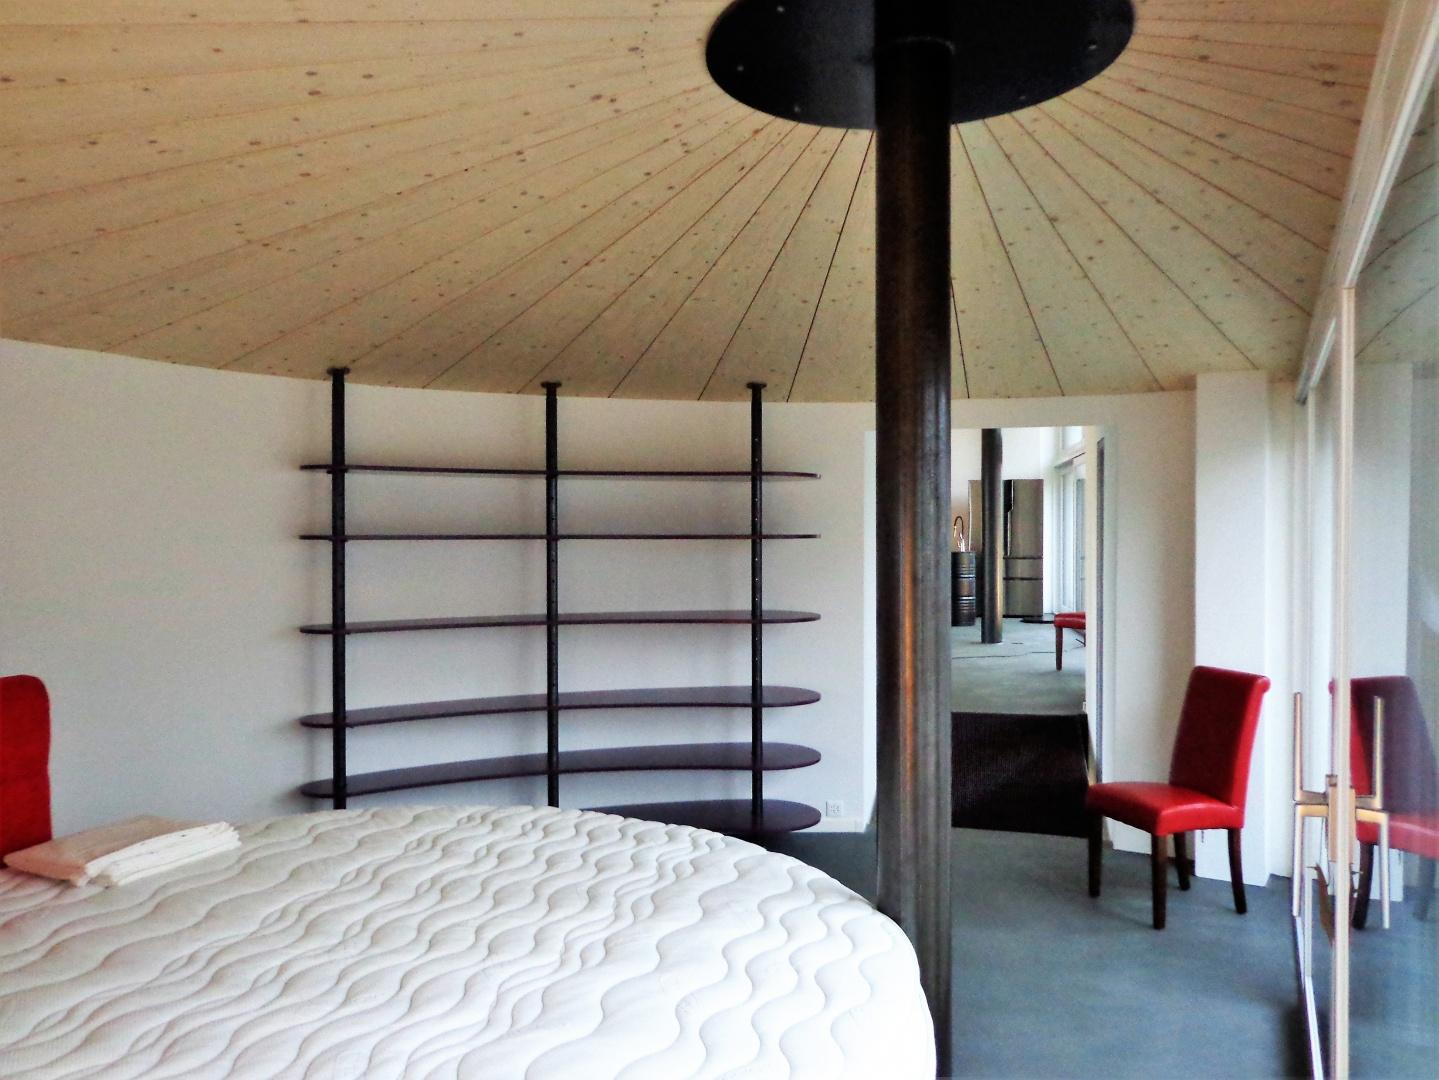 Schlafzimmer Dachgeschoss mit Passage © Beat Schaer